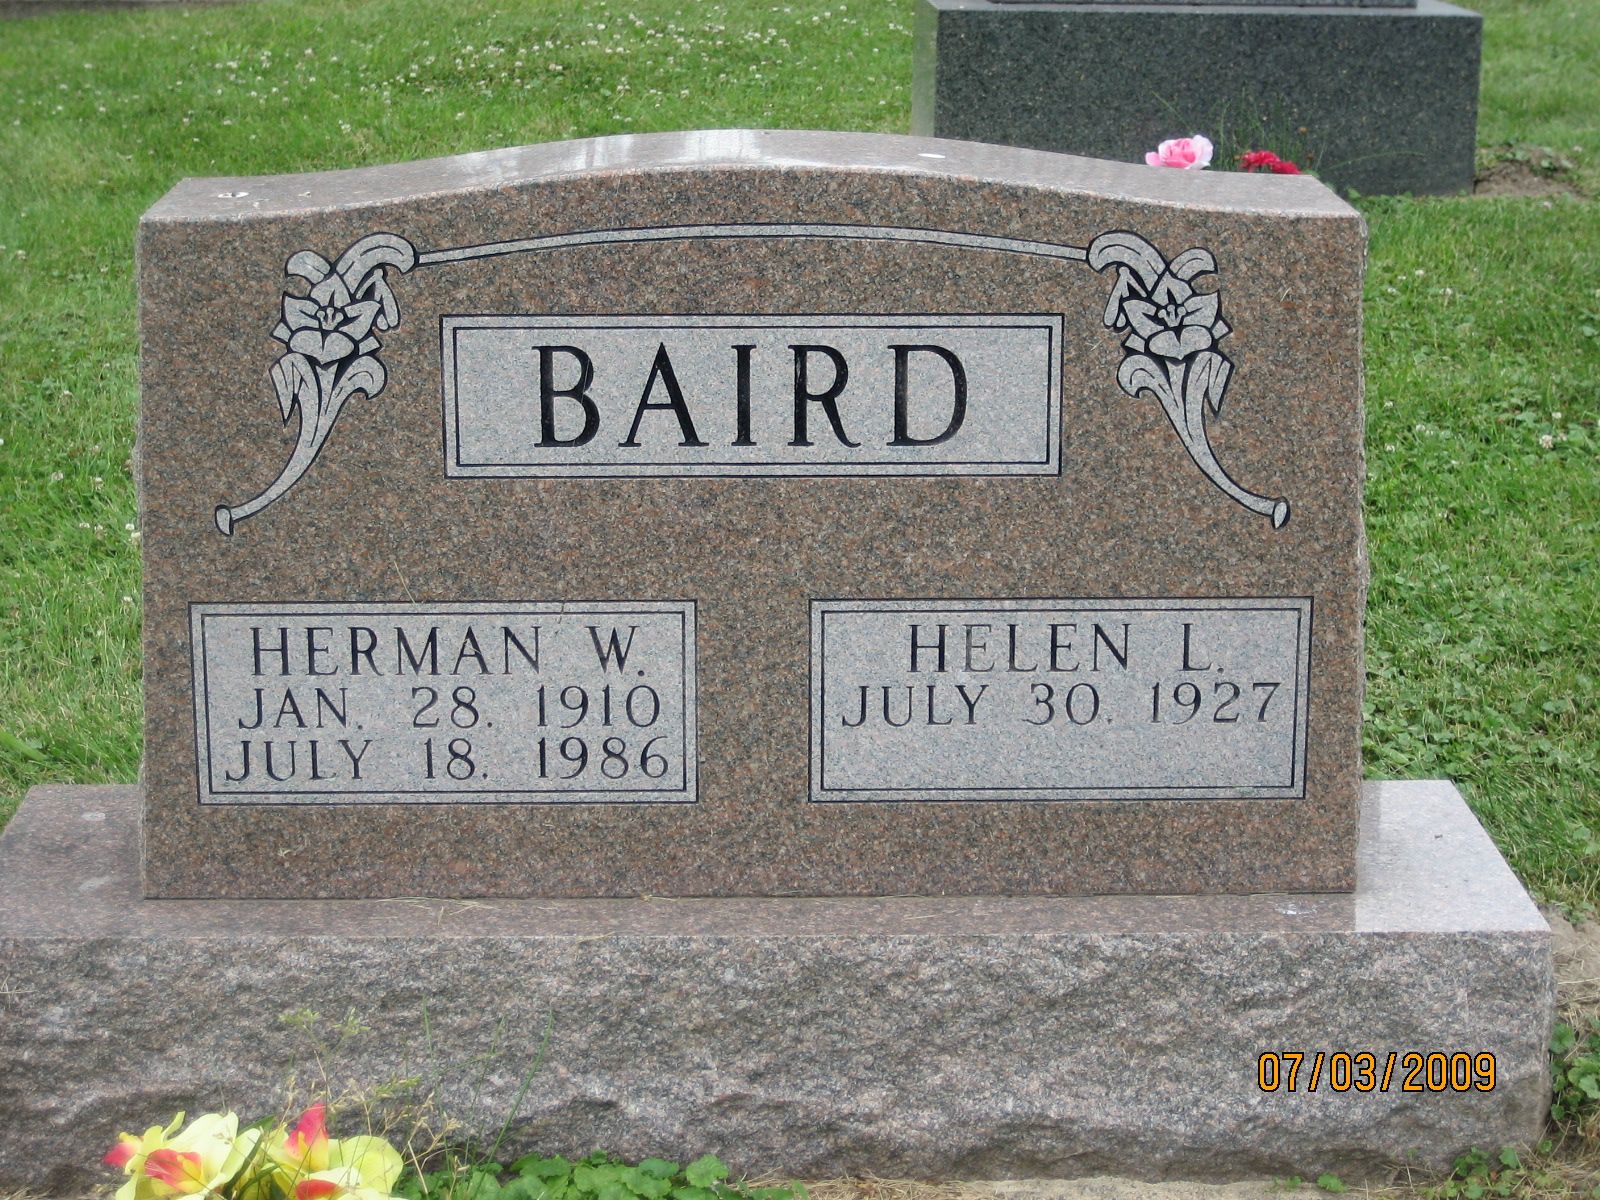 Herman W Baird